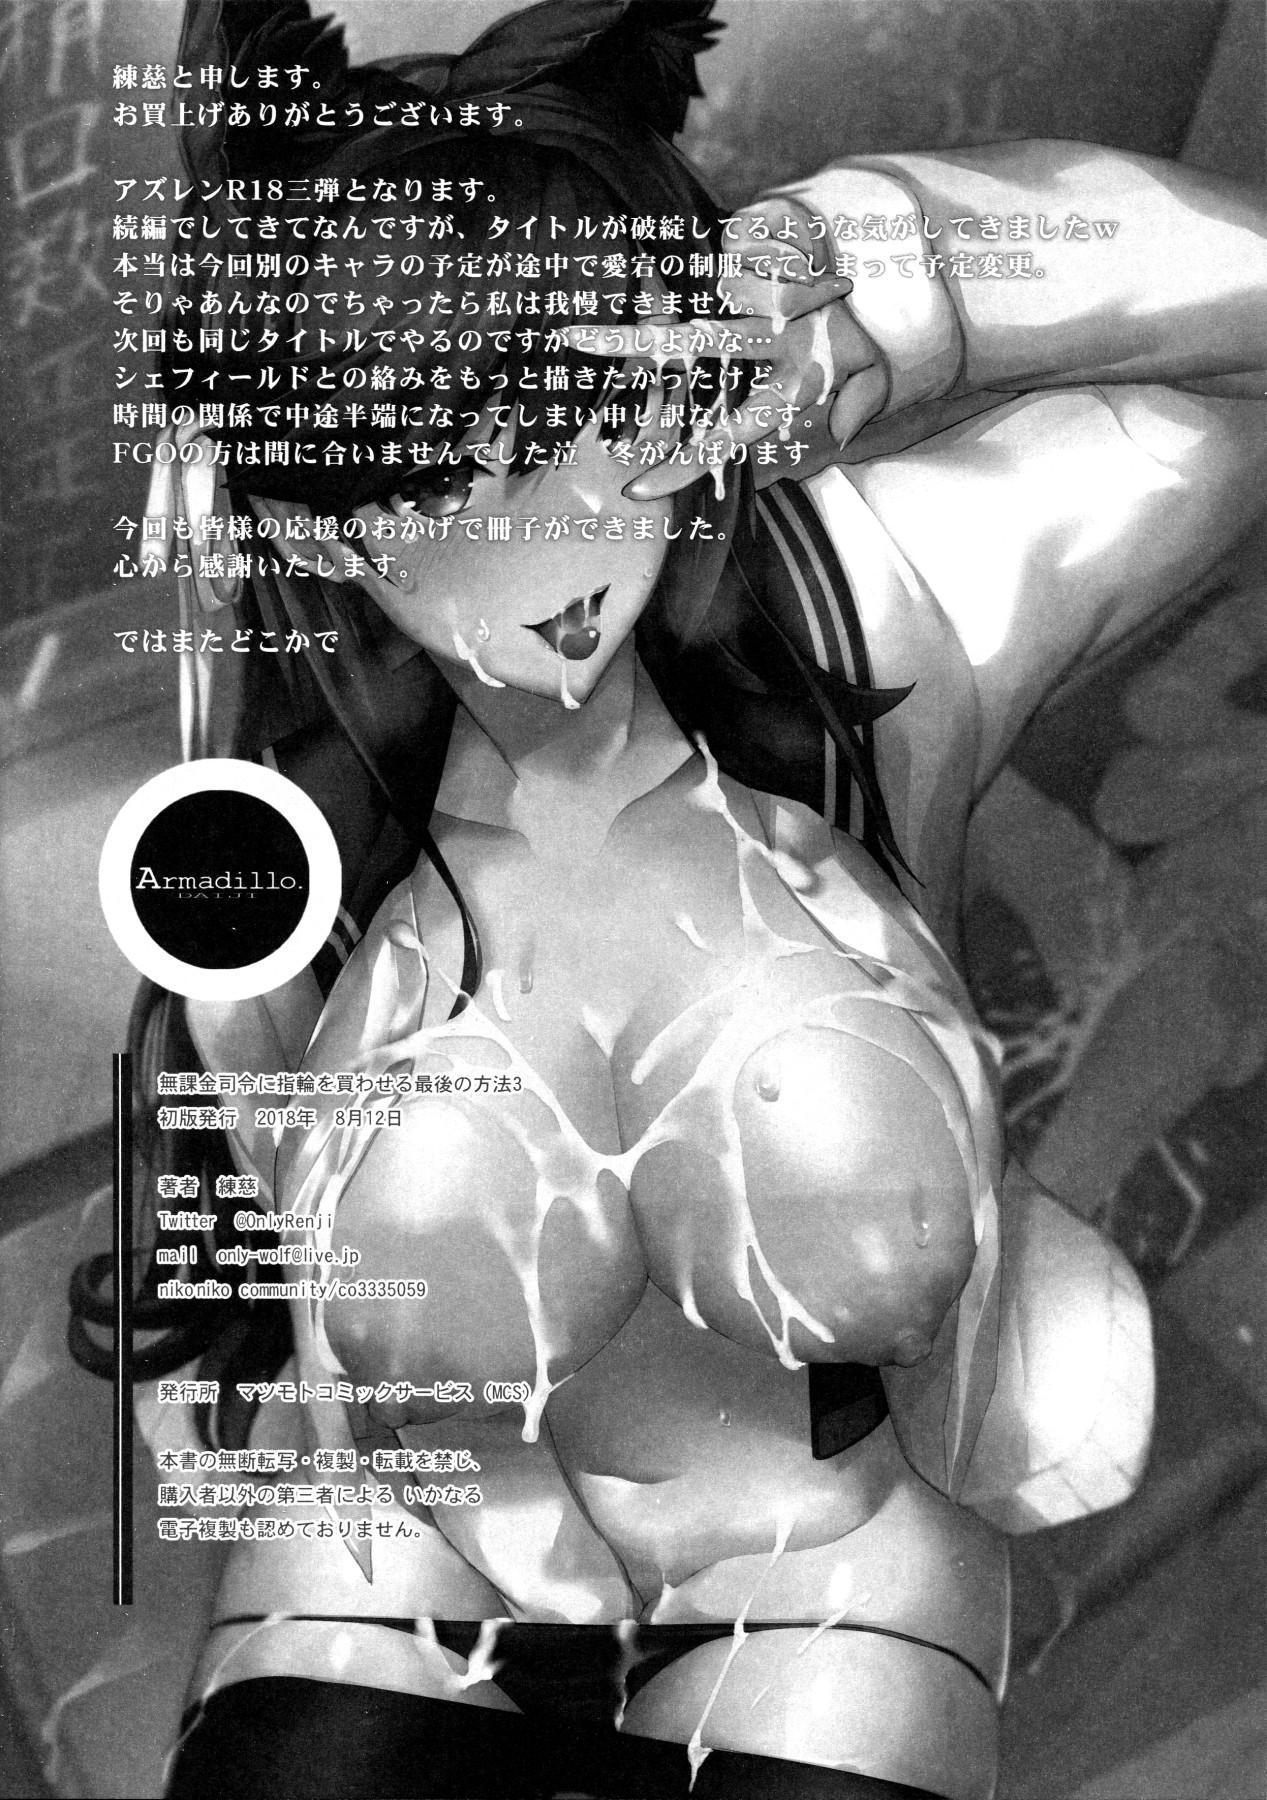 Mukakin Shirei ni Yubiwa o Kawaseru Saigo no Houhou 3 | The Last Way to Make Your F2P Commander Buy You a Ring 3 12